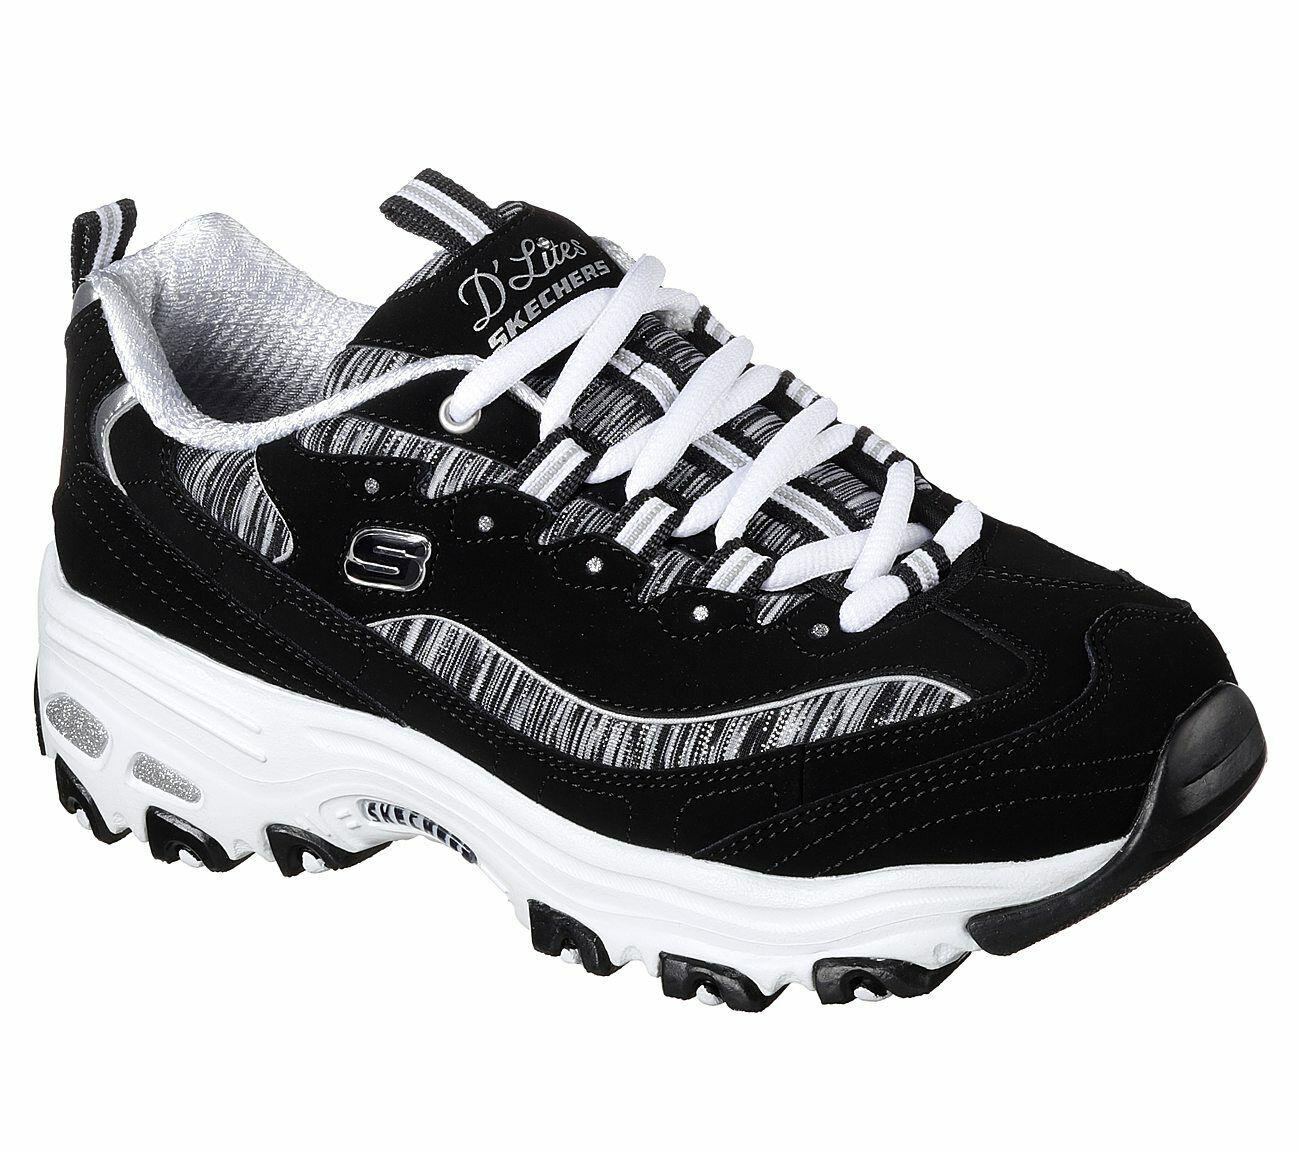 Skechers DLites Noir Blanc Chaussures Femme Sport Décontracté Mousse à Mémoire De Forme Confort 11978